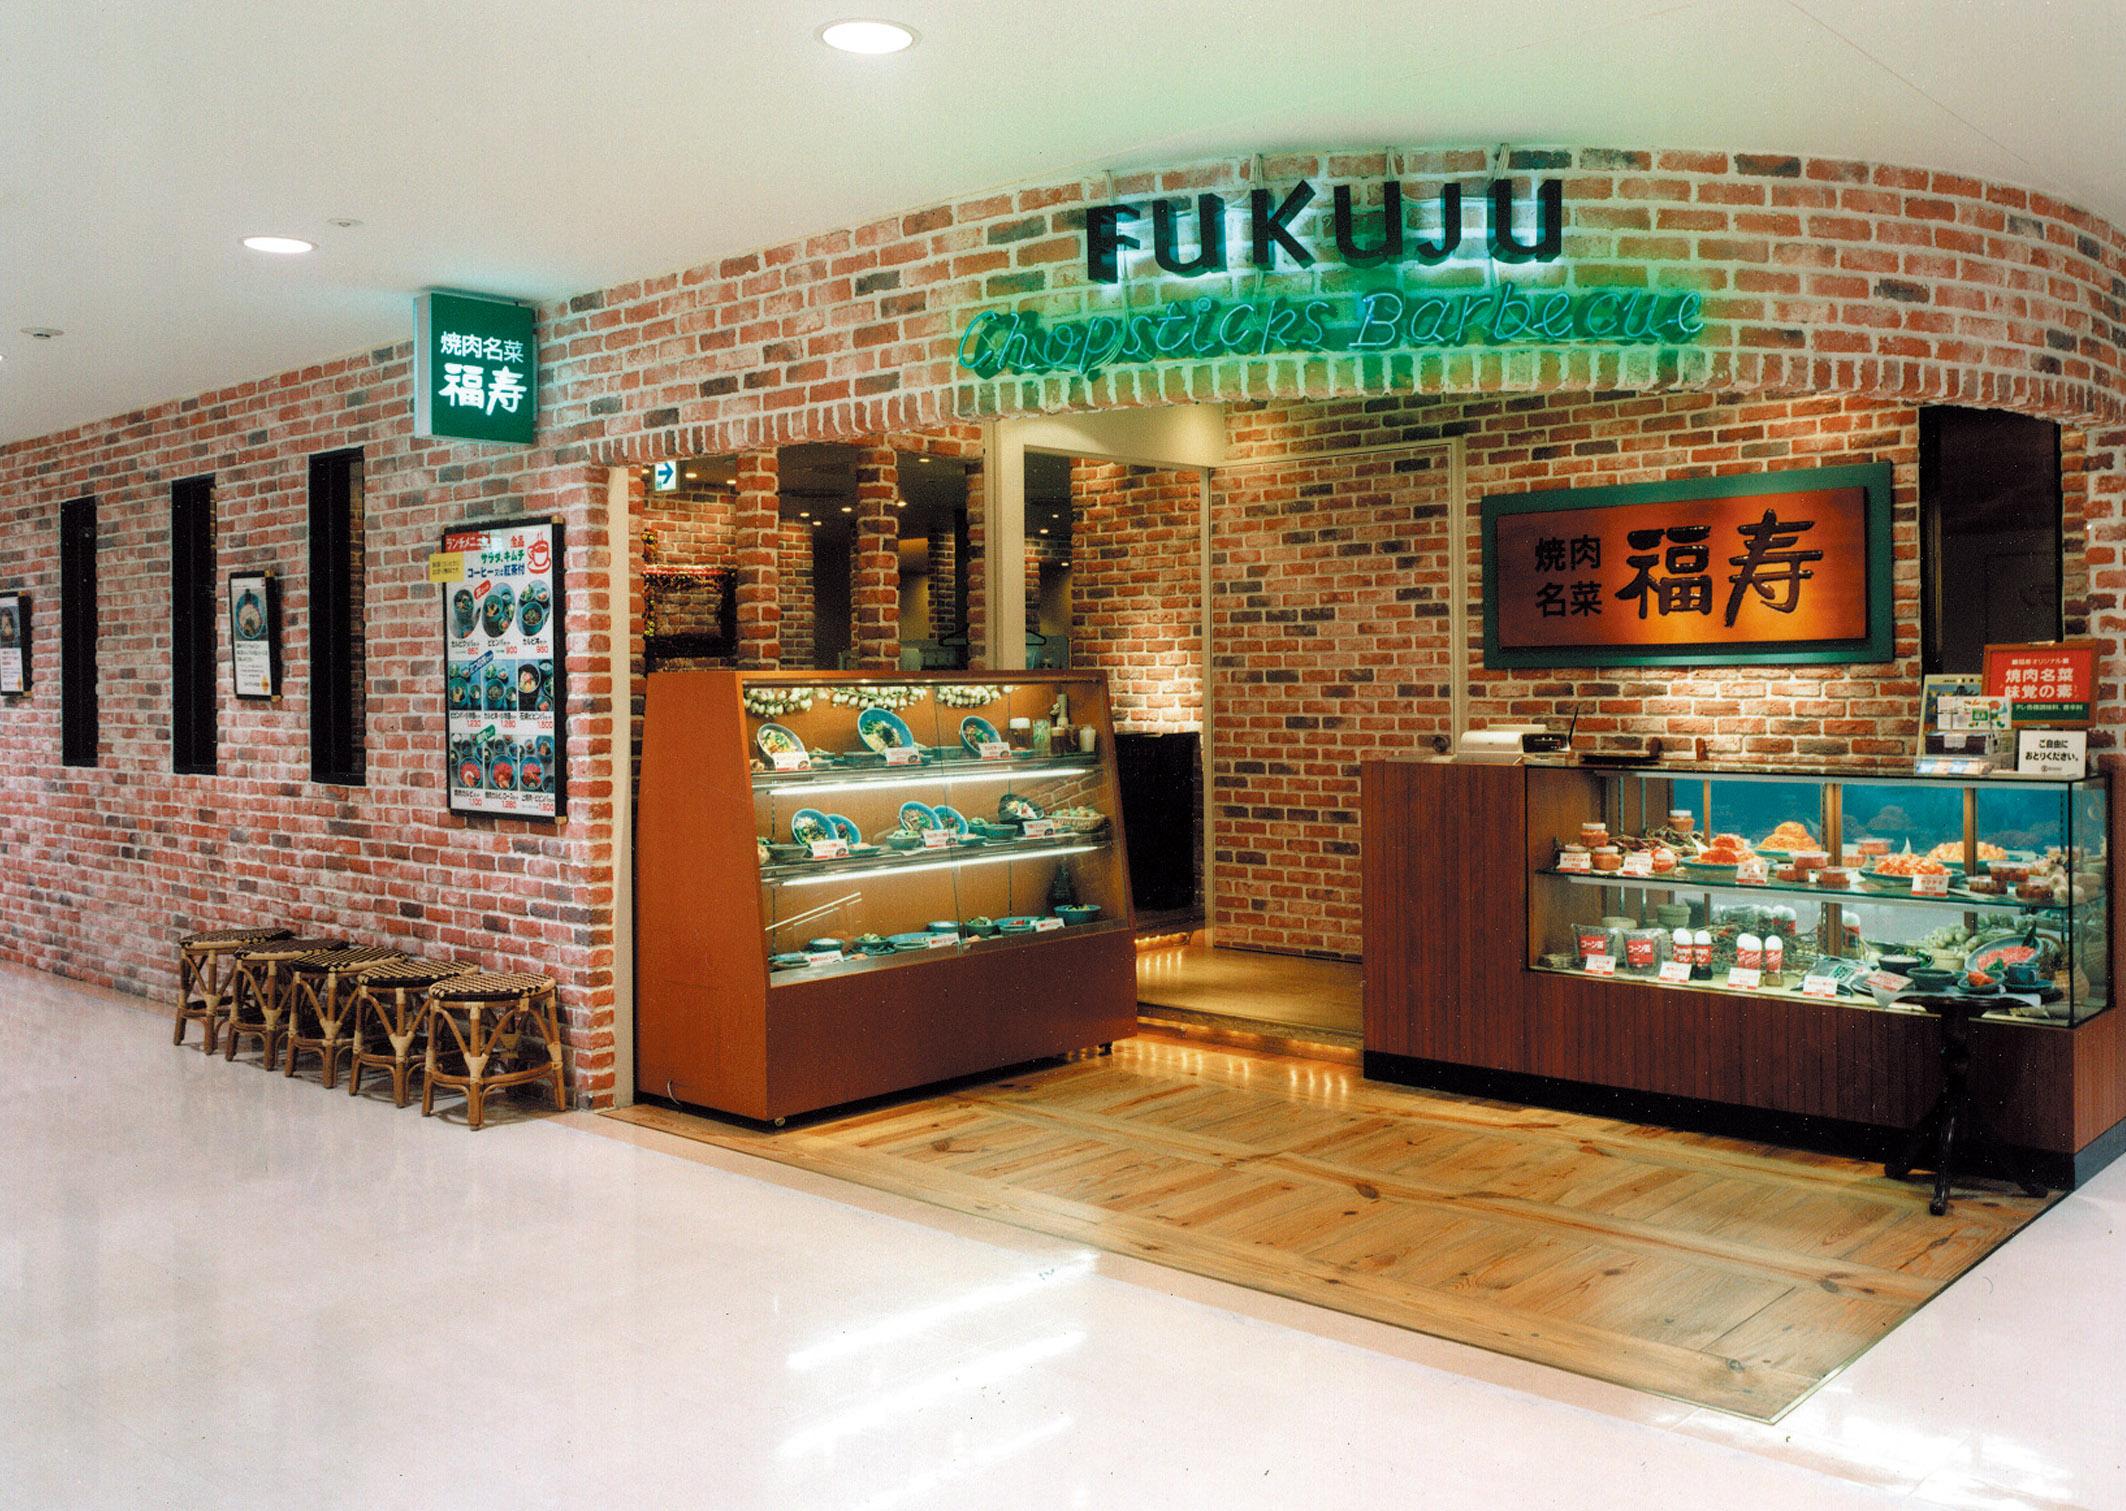 韓国名菜 福寿 錦糸町店・店舗画像